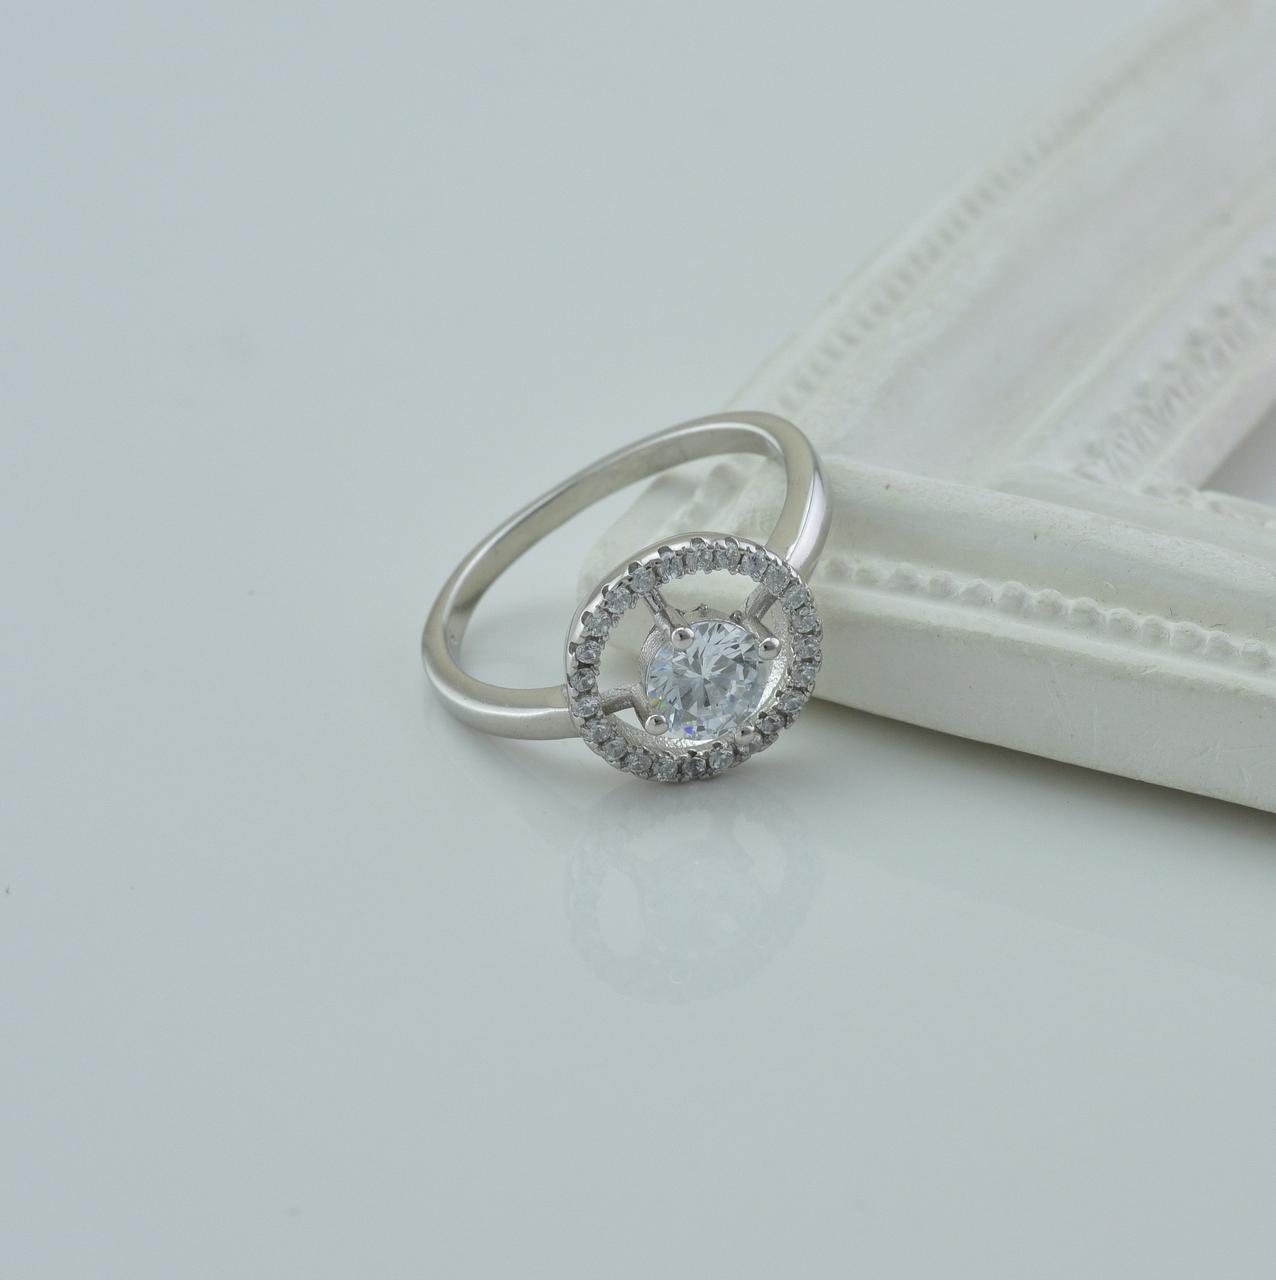 Серебряное кольцо размер 16.5 вставка белые фианиты вес 2.5 г